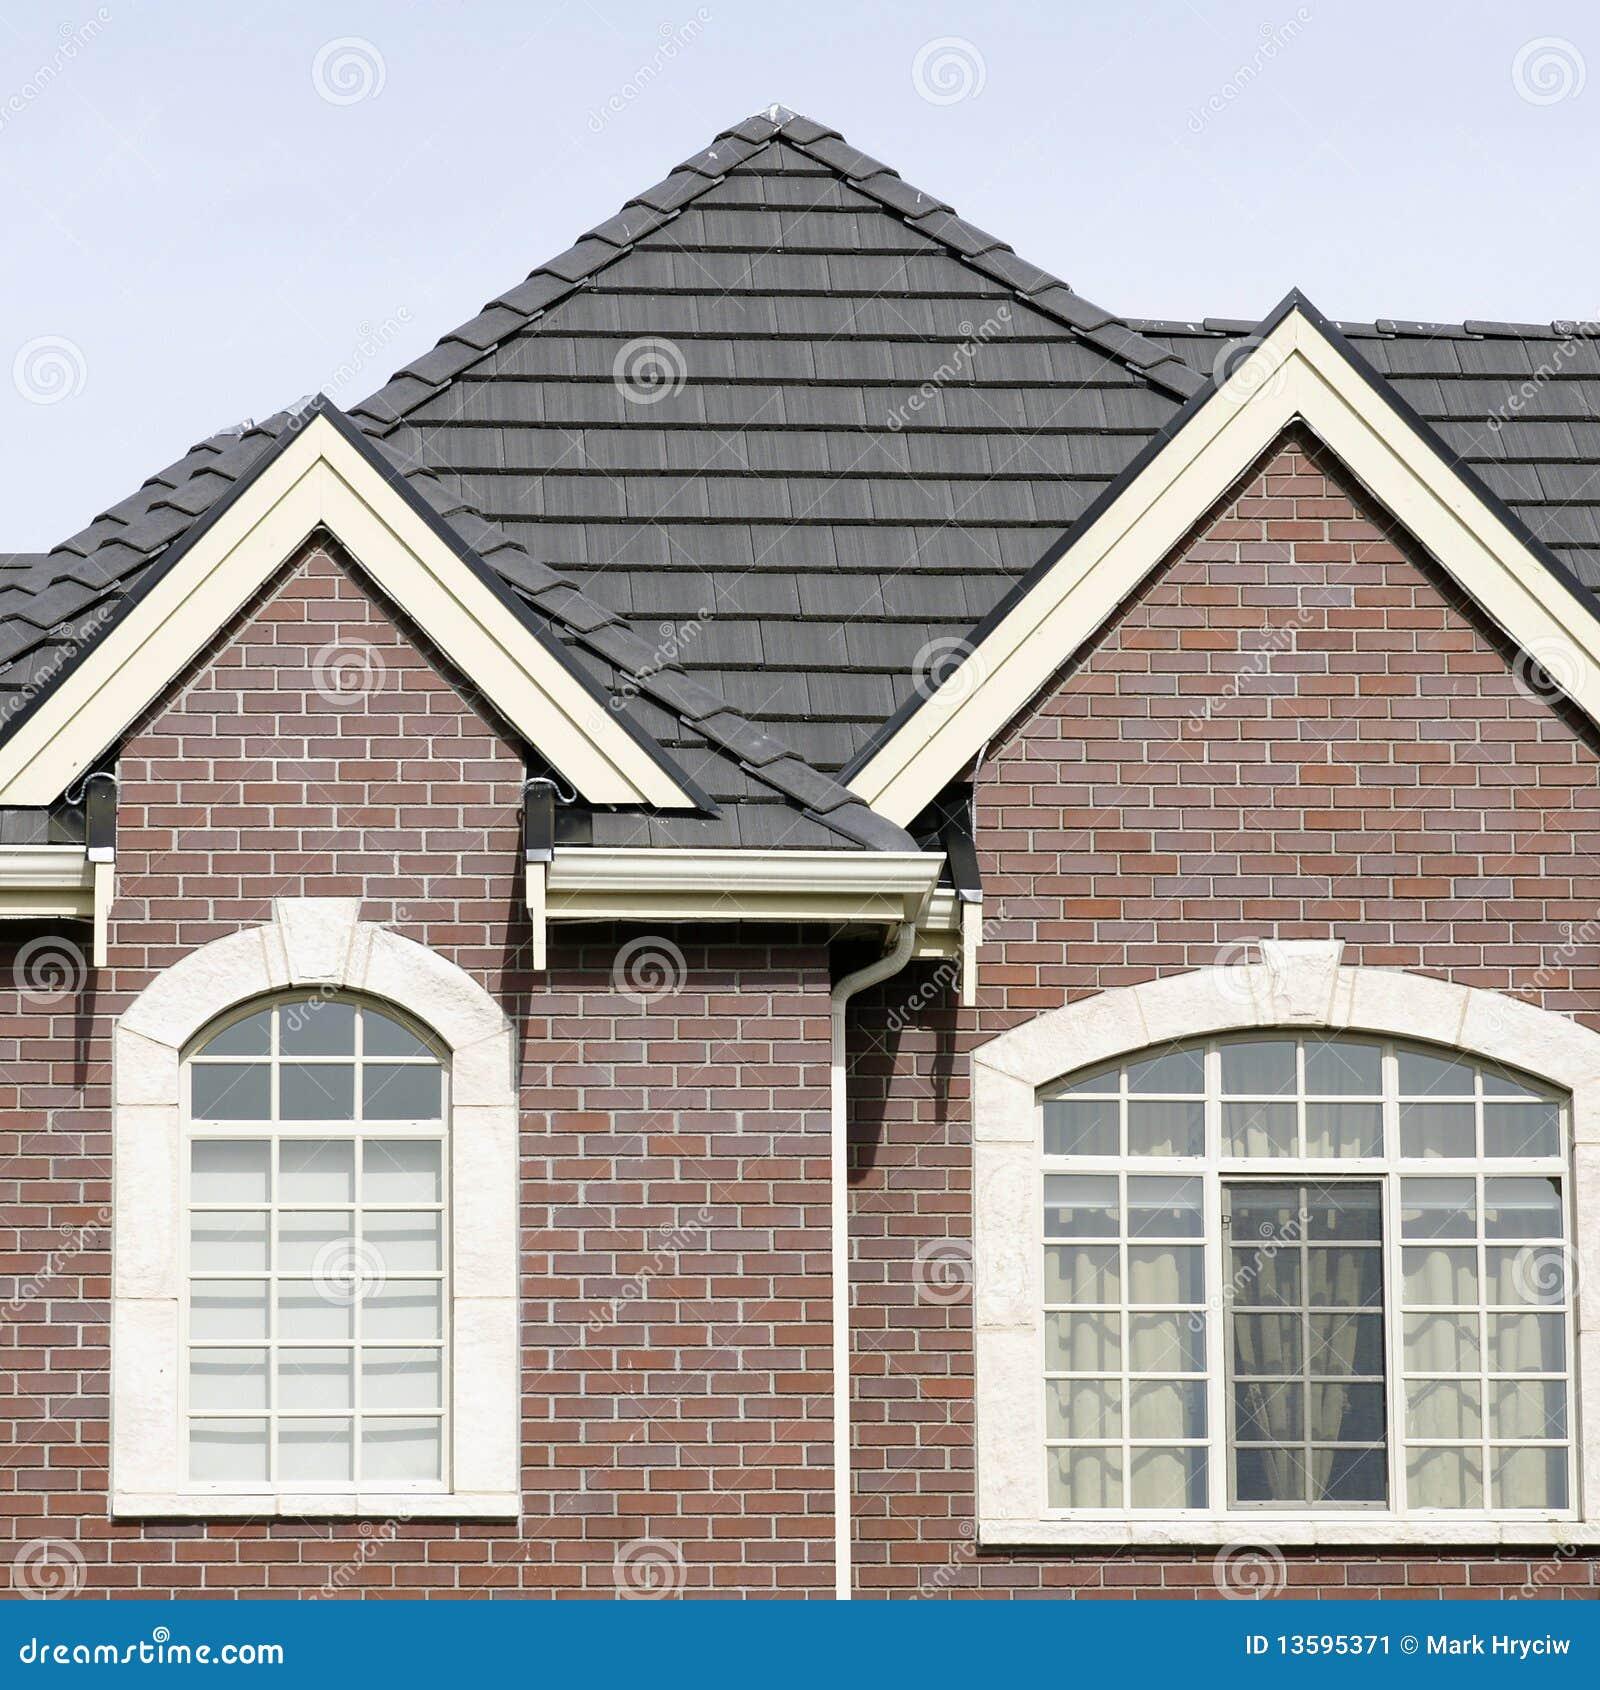 ziegelstein haus fliese dach stockbild bild 13595371. Black Bedroom Furniture Sets. Home Design Ideas